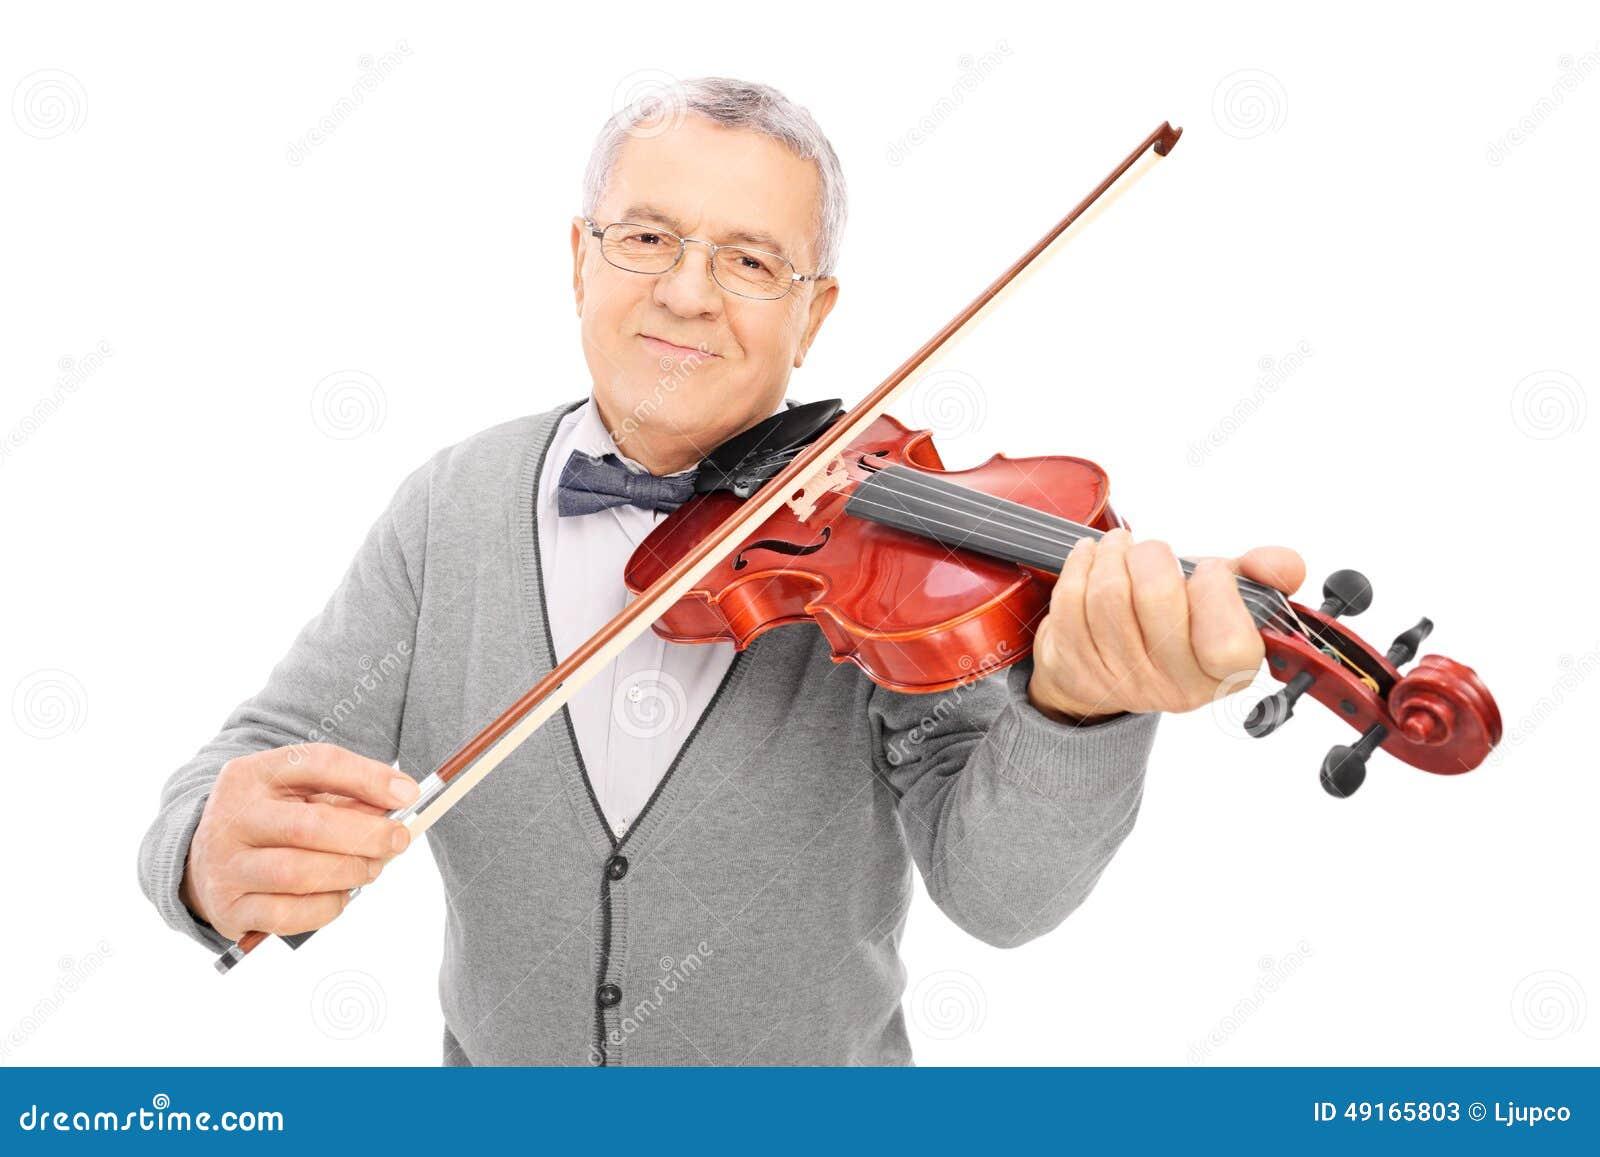 volin single men Search single senior men in south dakota | search single senior women in south dakota iamyo volin, sd 66 years old view profile send message.